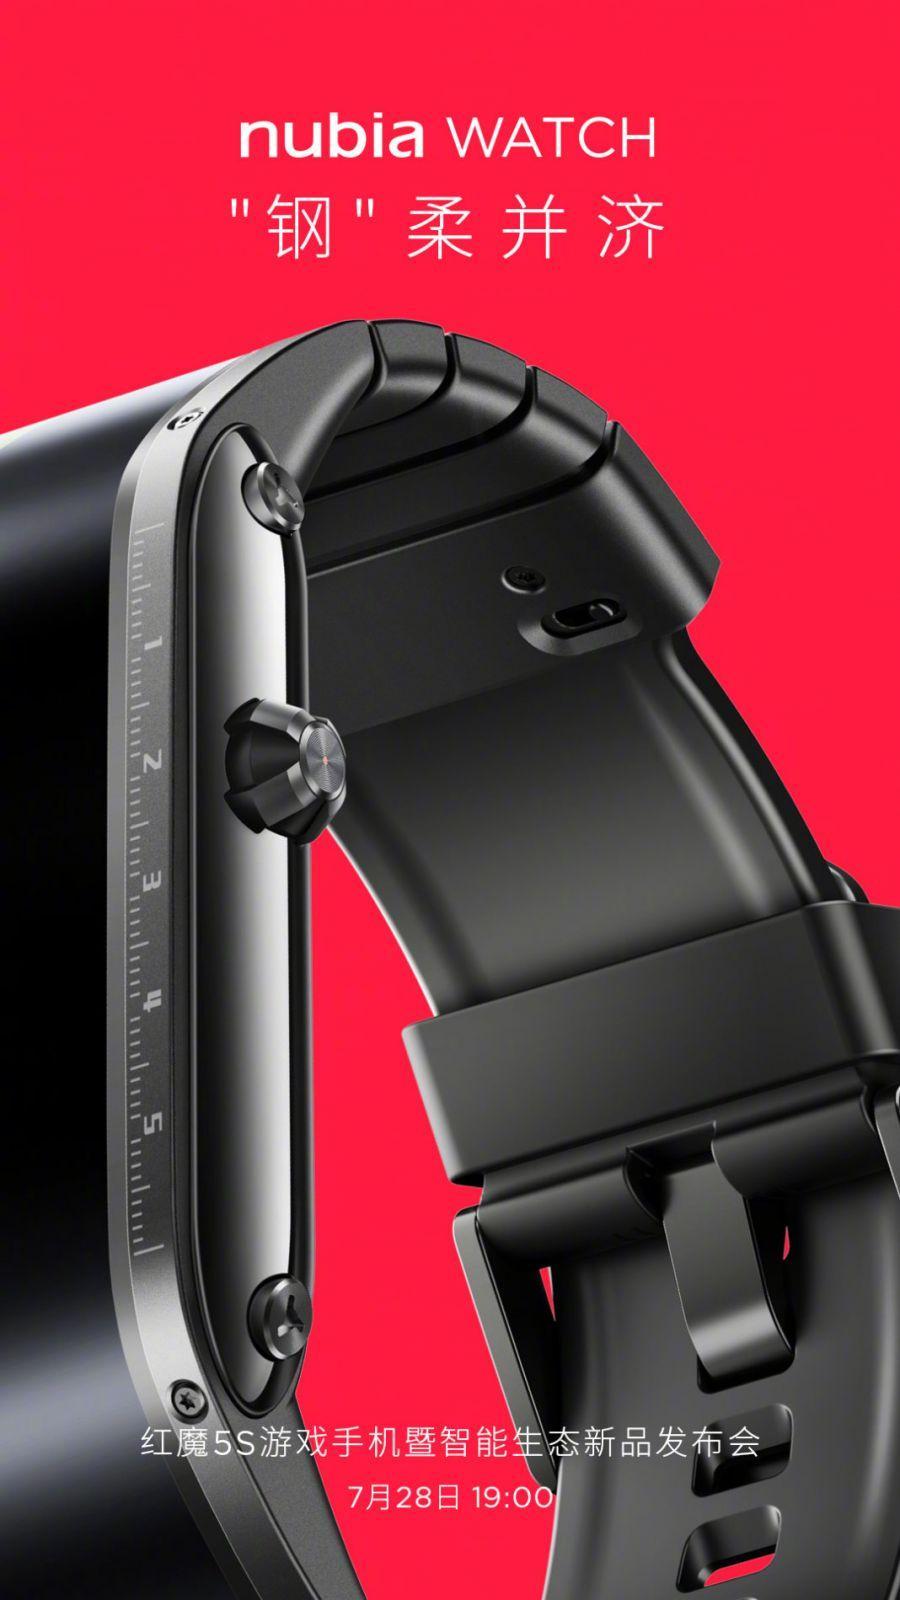 Умные часы Nubia получат OLED-дисплей и корпус из нержавеющей стали (nubia watch teaser featured 1068x1899 1)